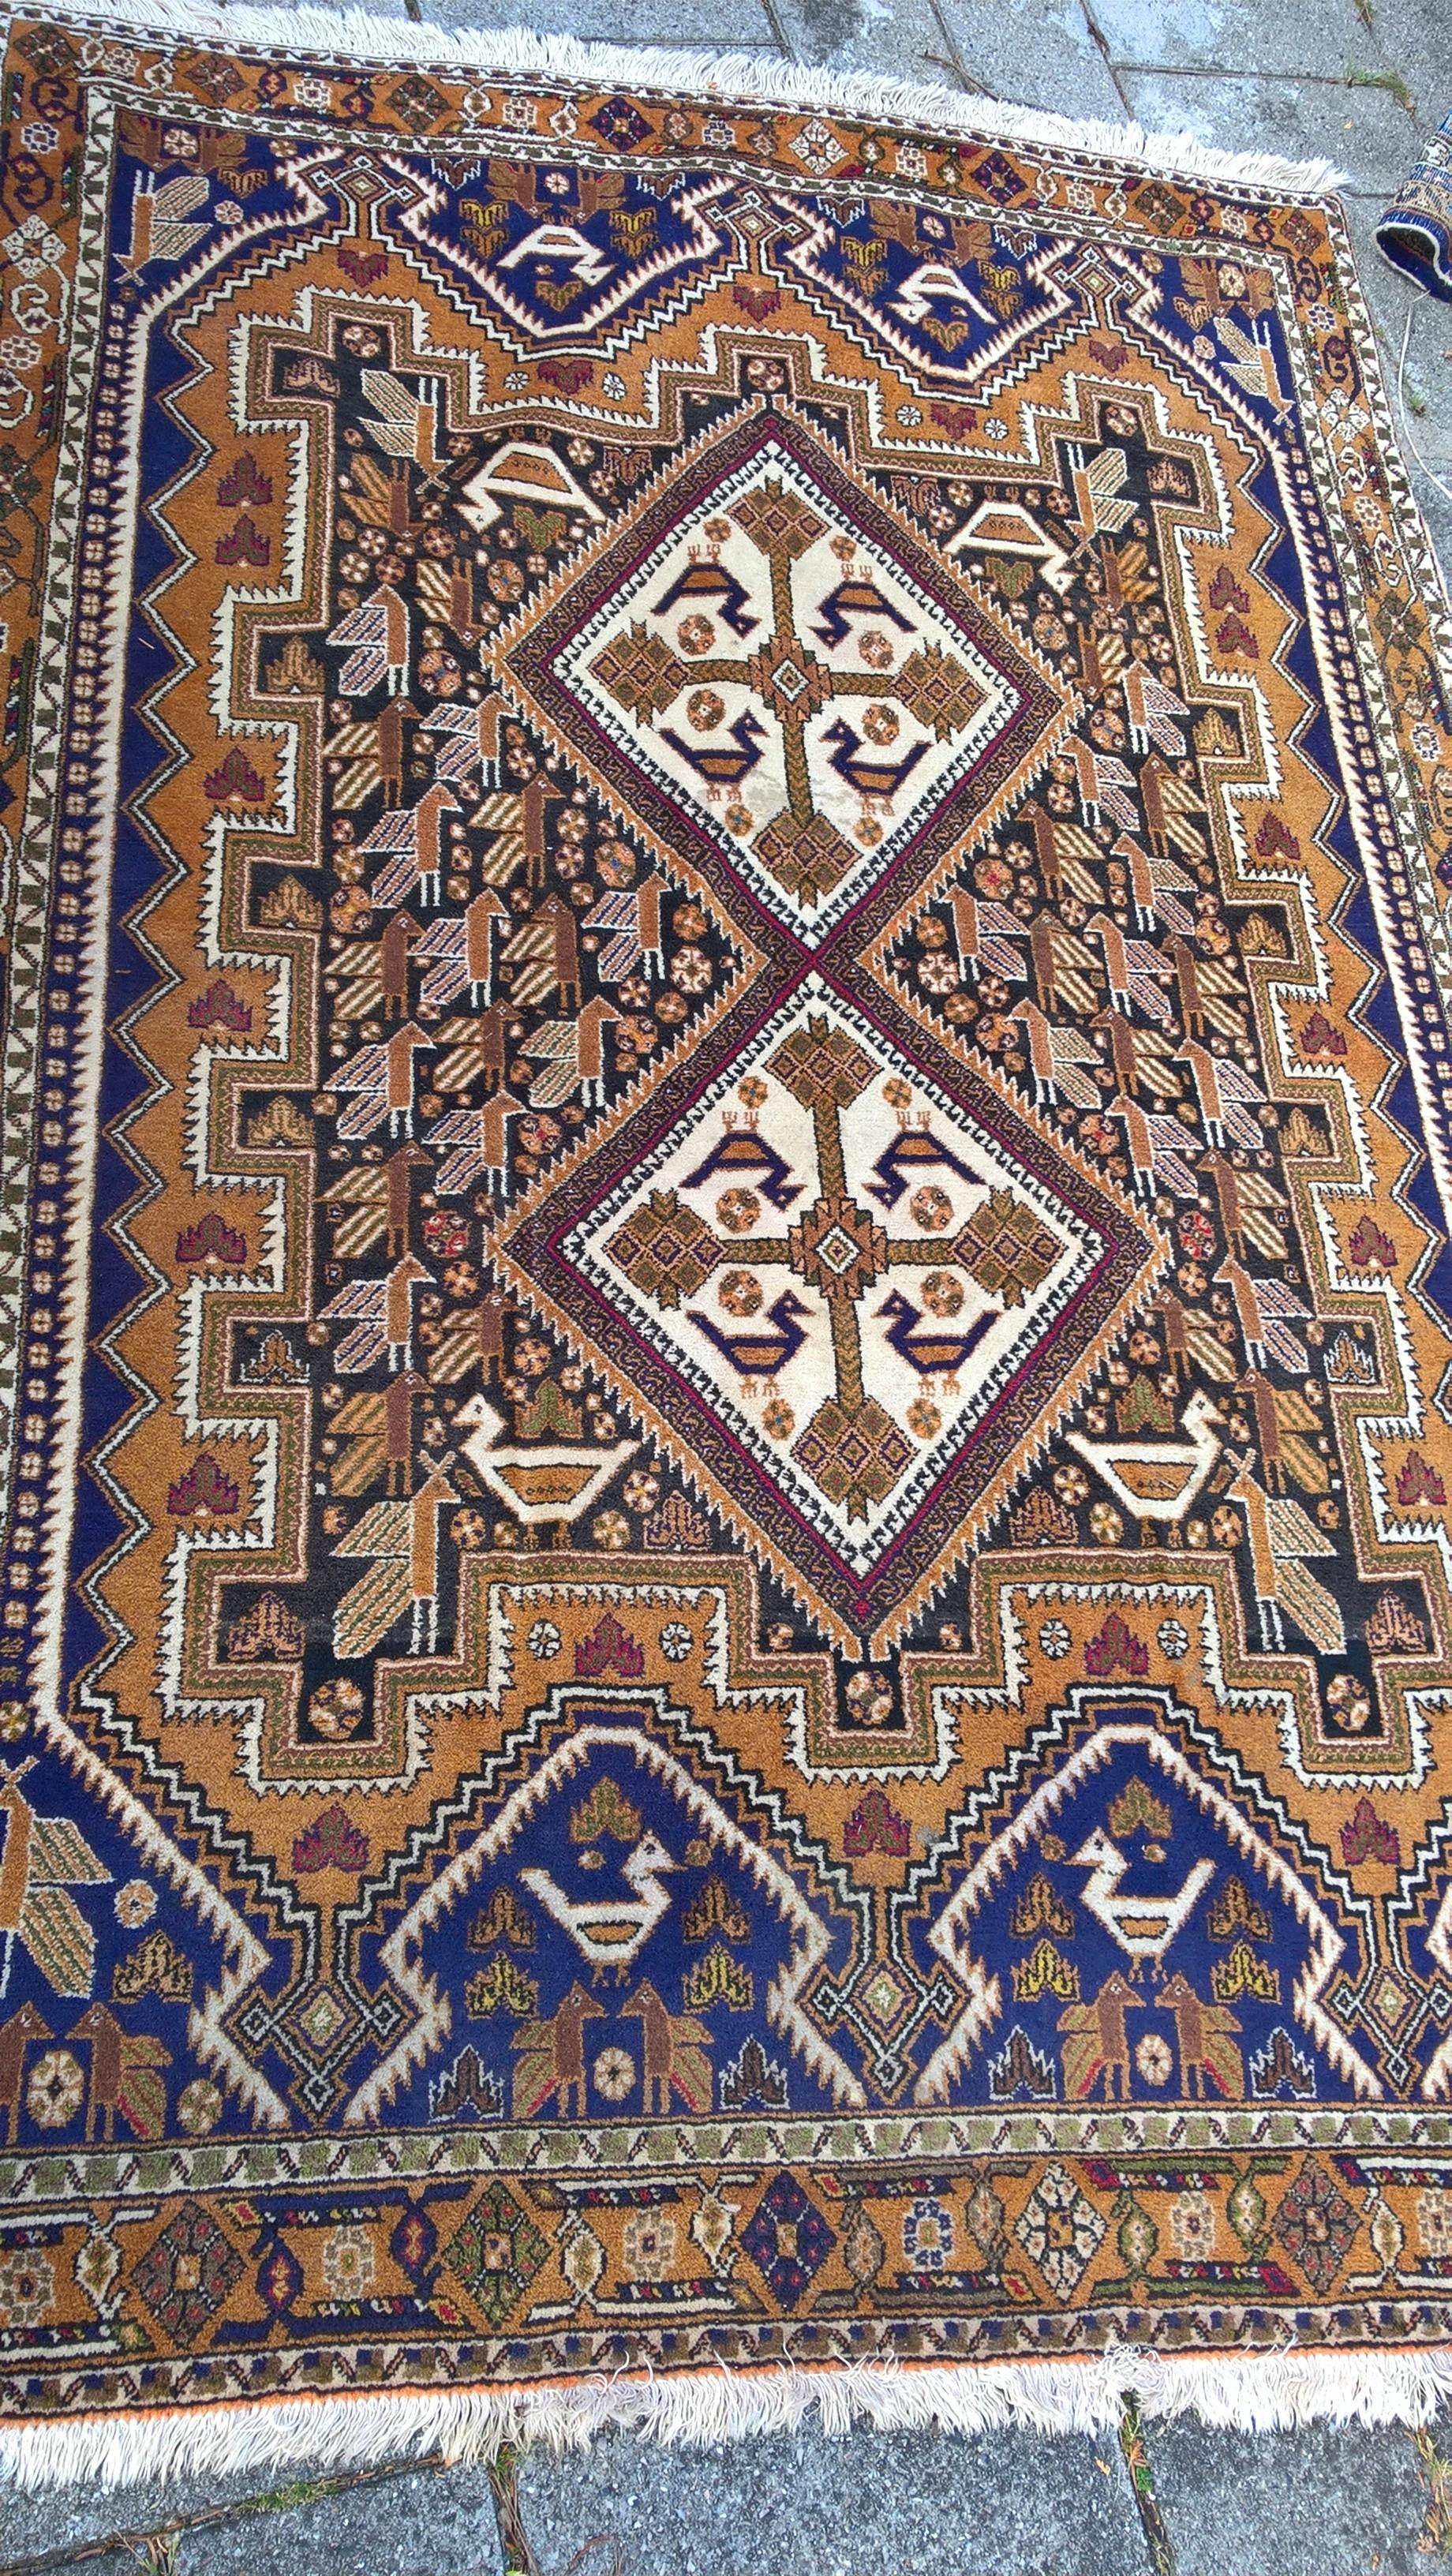 Ægte Persisk tæppe ATSNOR Mål 280 x 150 cm Tæppe kr. 5.50,- Varenr. Rug16-3460-07-kamel